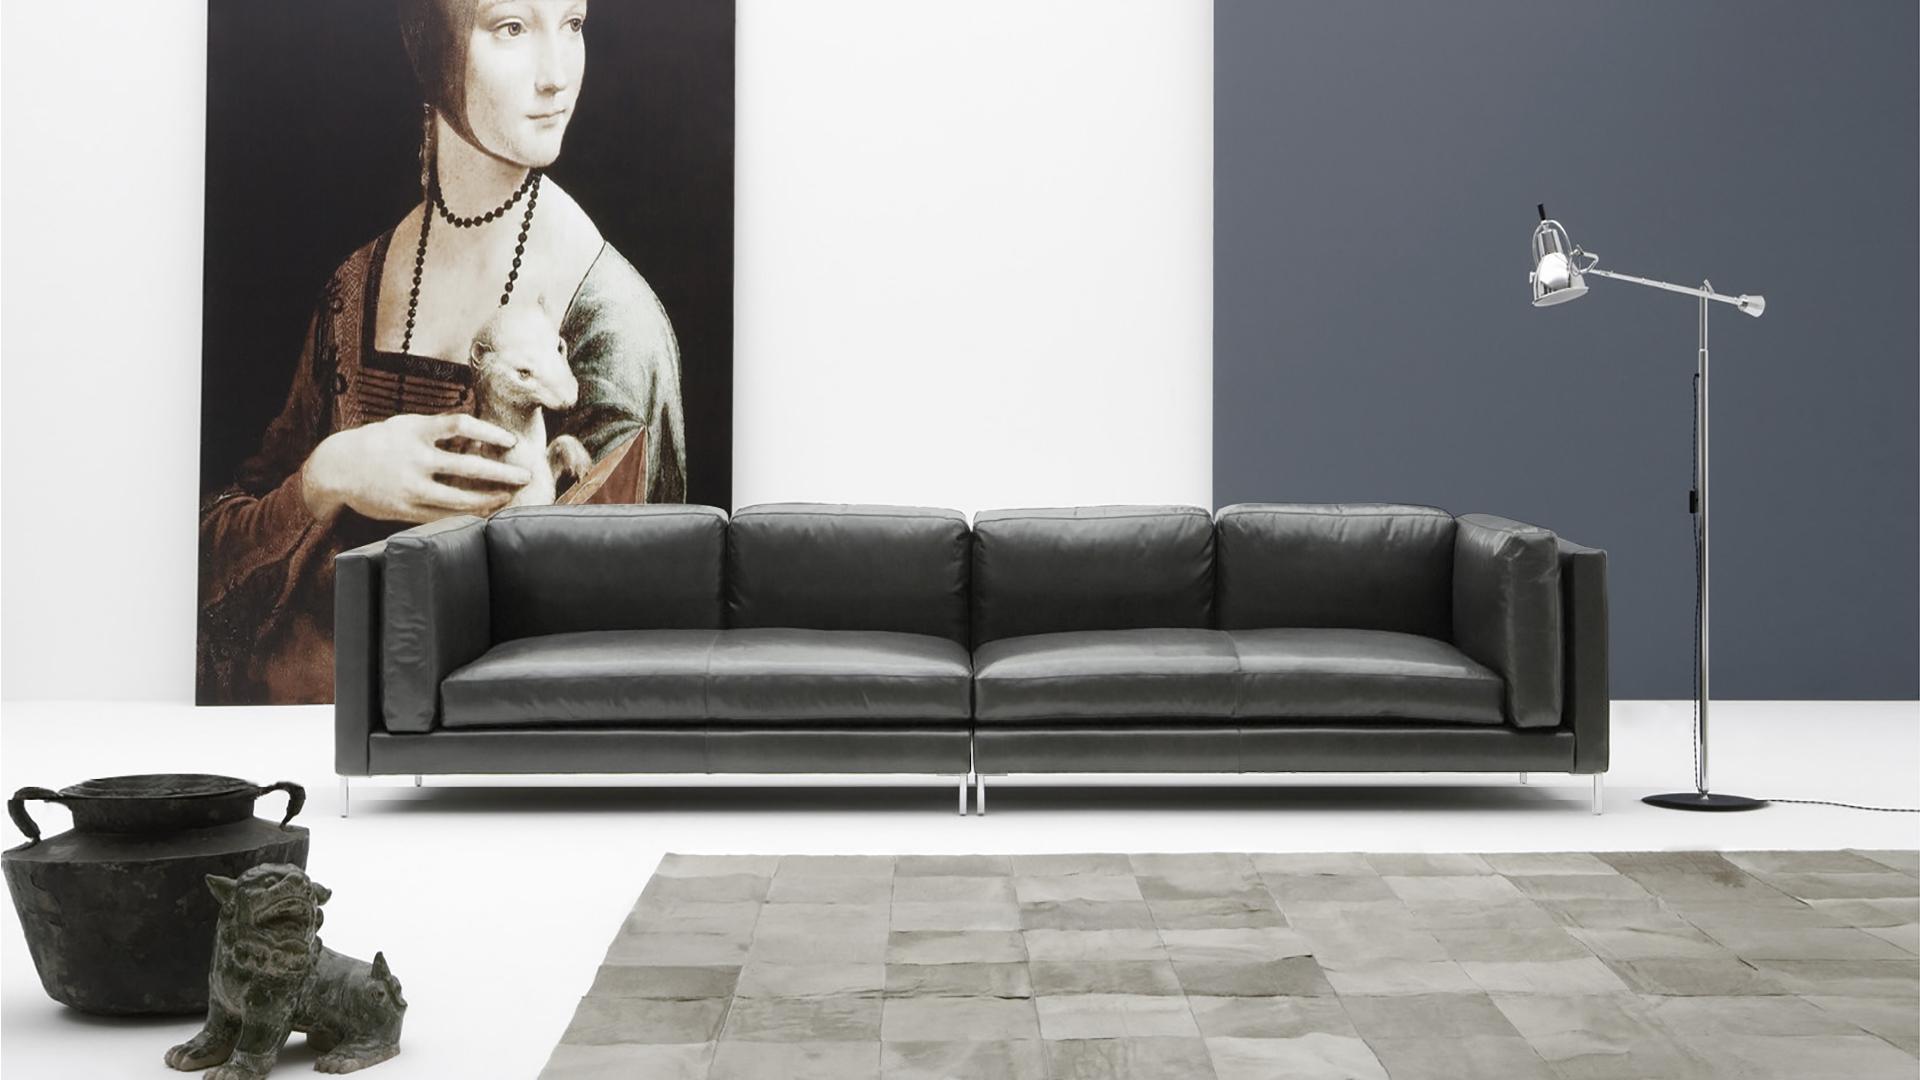 divano-lineare-moderno-pelle-marc-murtarelli